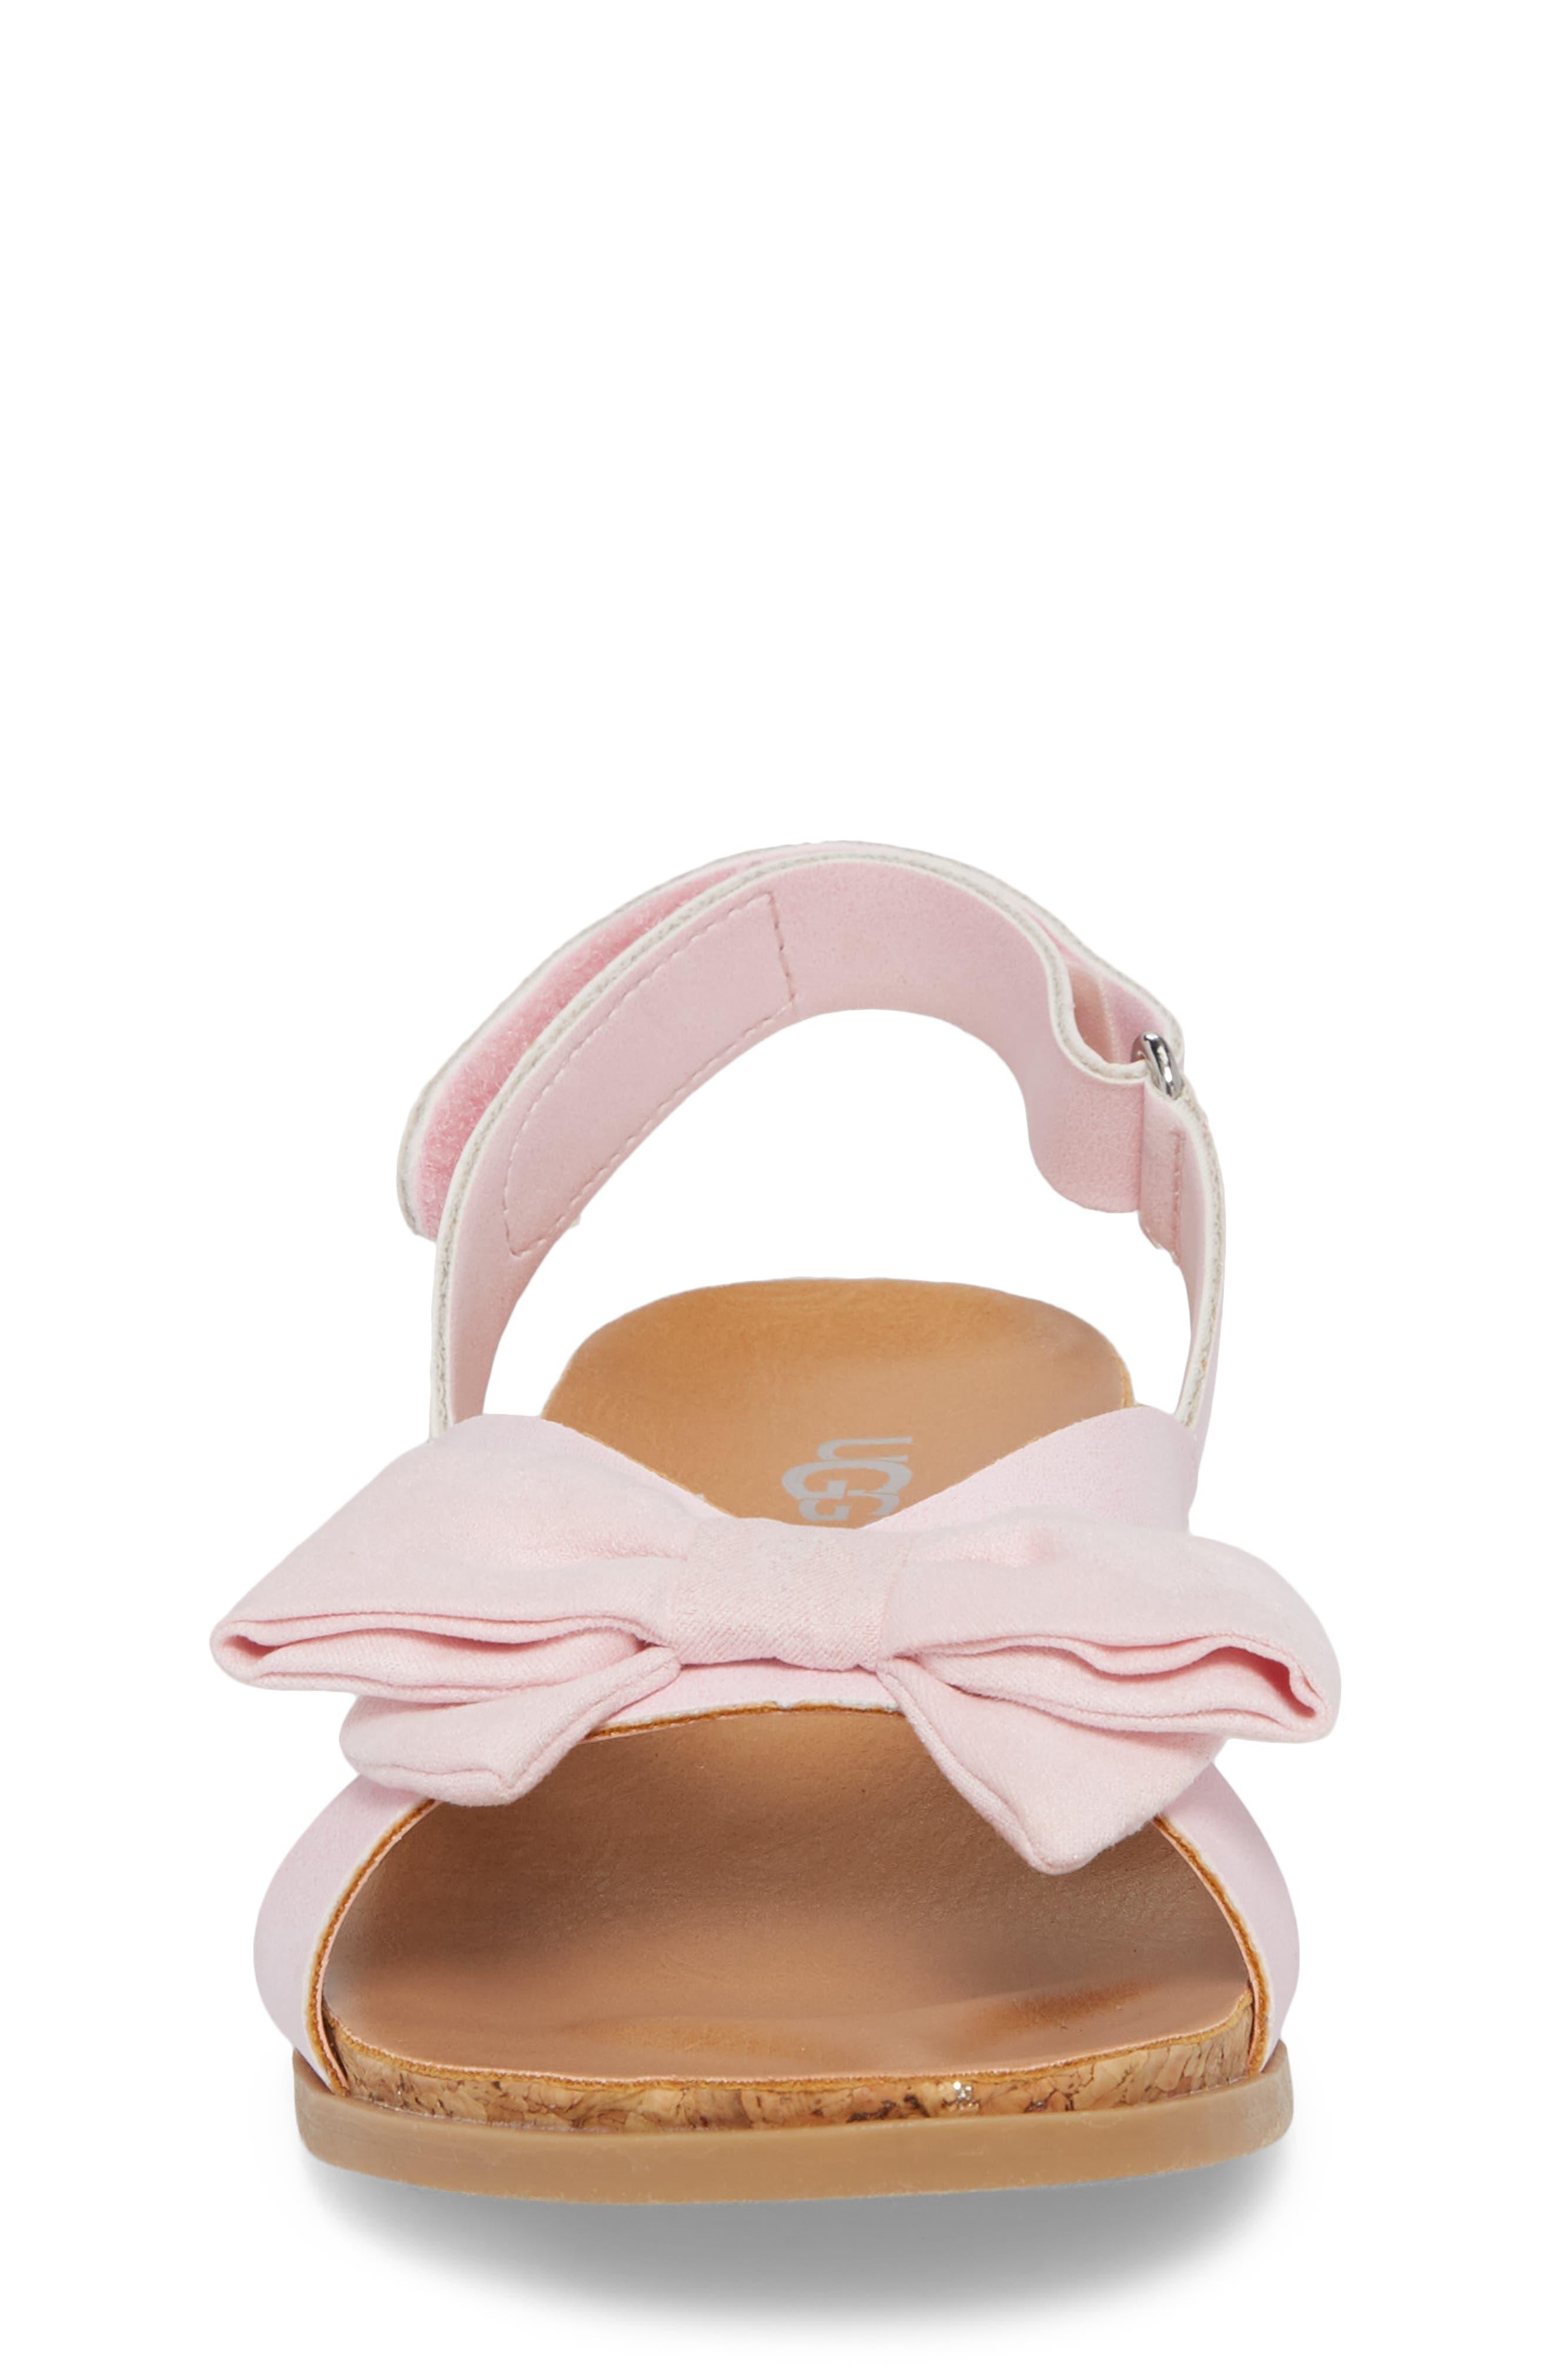 Fonda Sandal,                             Alternate thumbnail 4, color,                             Seashell Pink